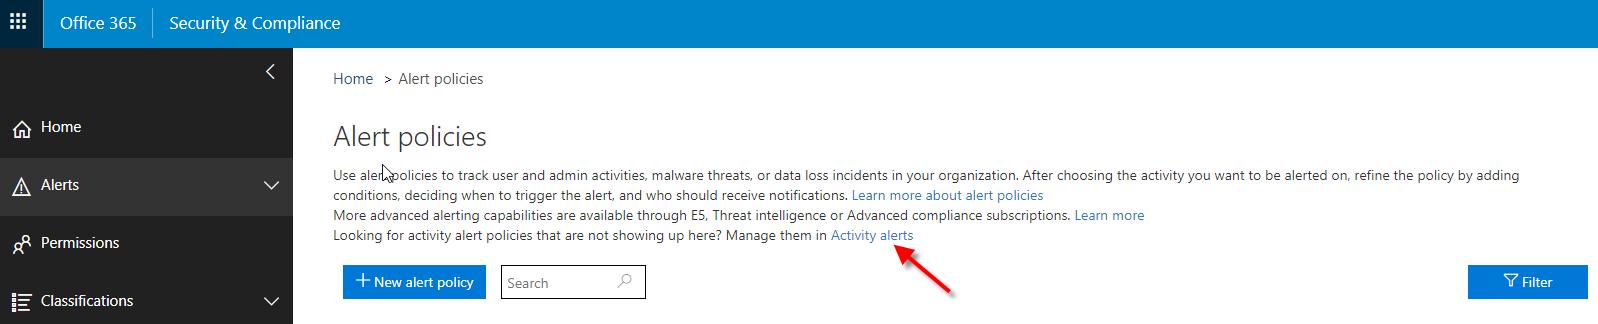 Activity Alerts Screenshot of Alert Policies